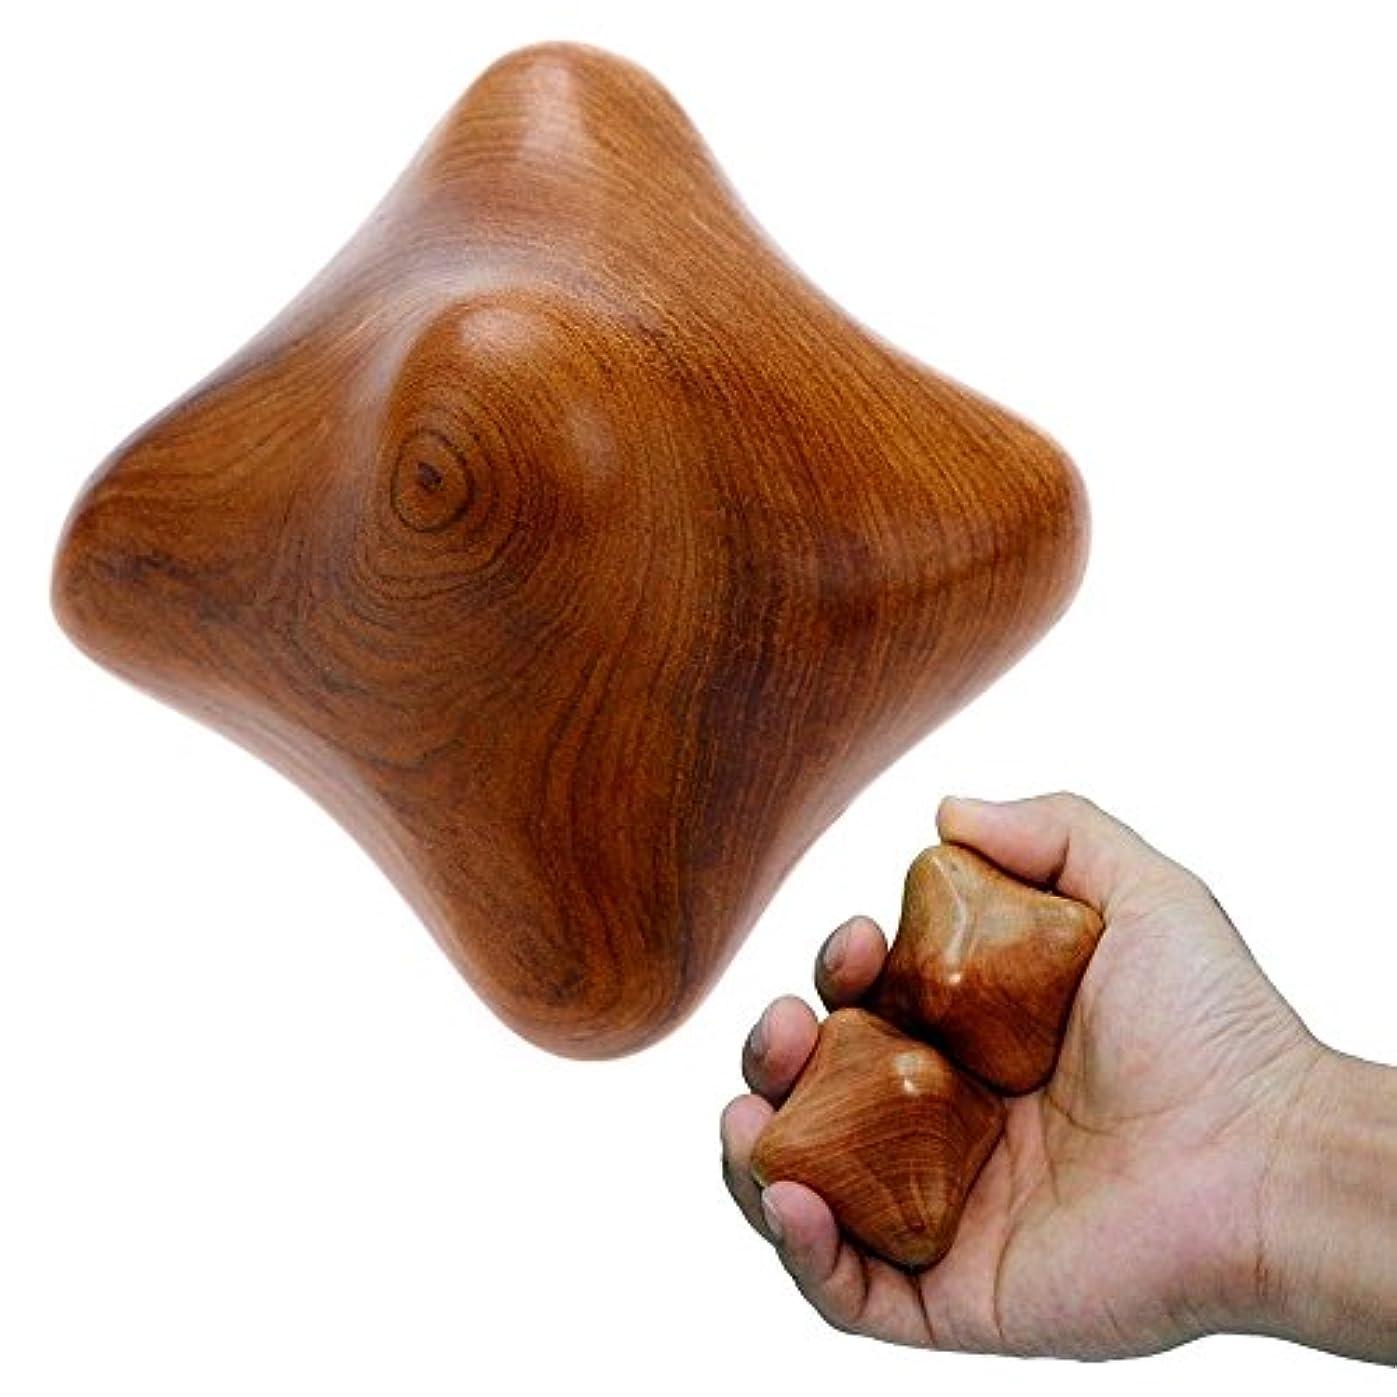 サイバースペース聴く文字MARUKOA - 2 SET Thai Traditional Reflexology Massage Therapy Fingers Hand Wood Star